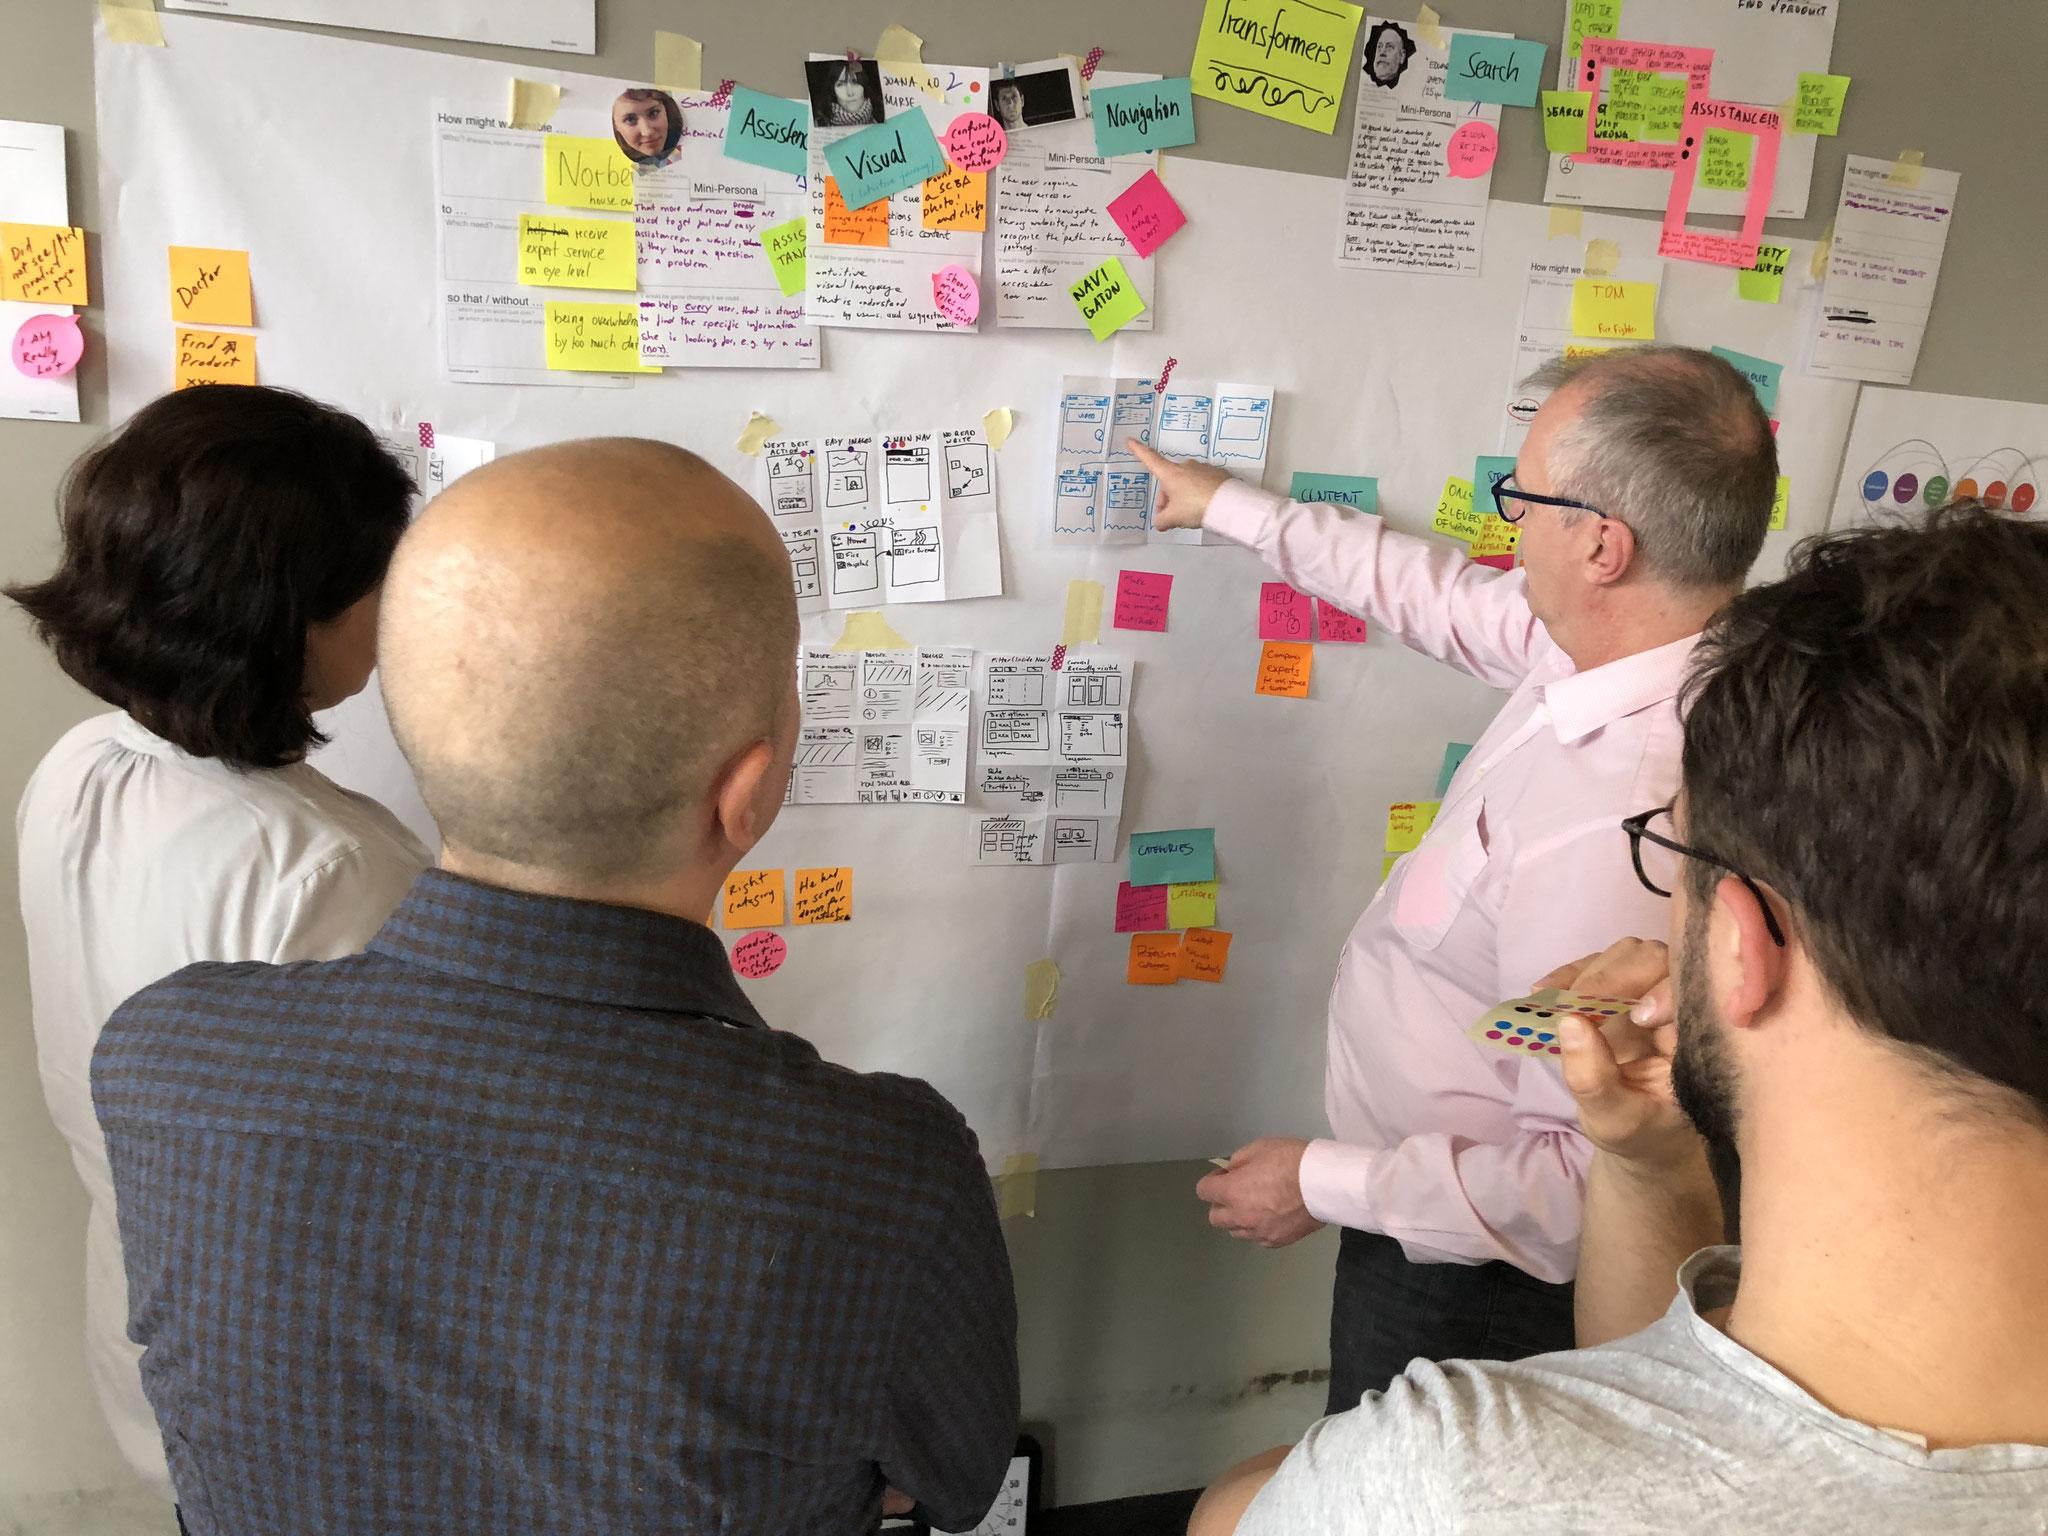 Die Ideen werden als Papier-Prototypen der Screens visualisiert.